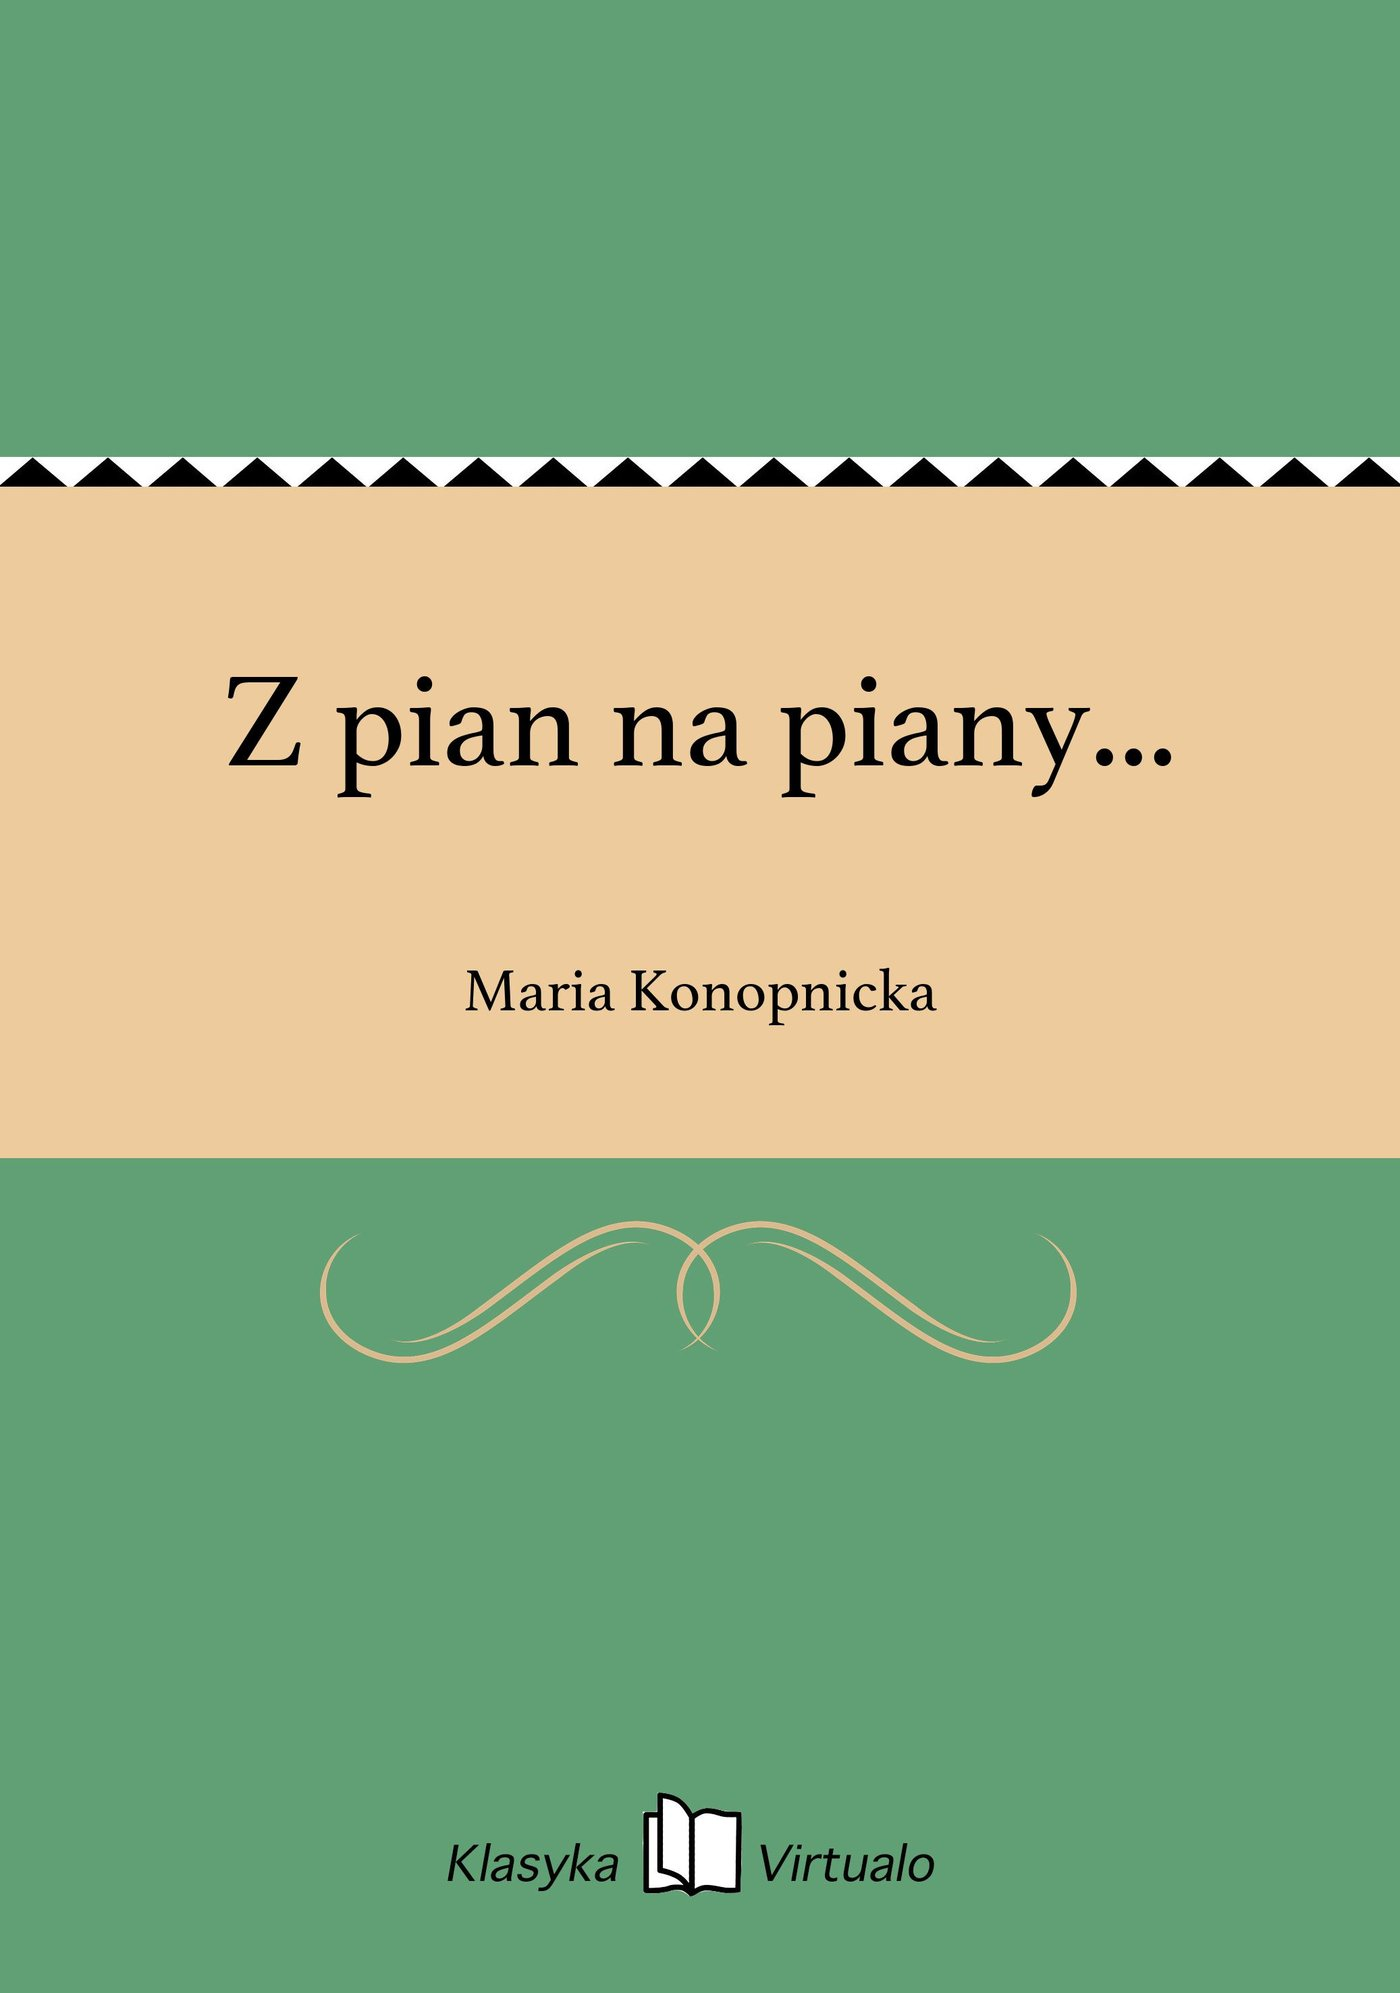 Z pian na piany... - Ebook (Książka EPUB) do pobrania w formacie EPUB